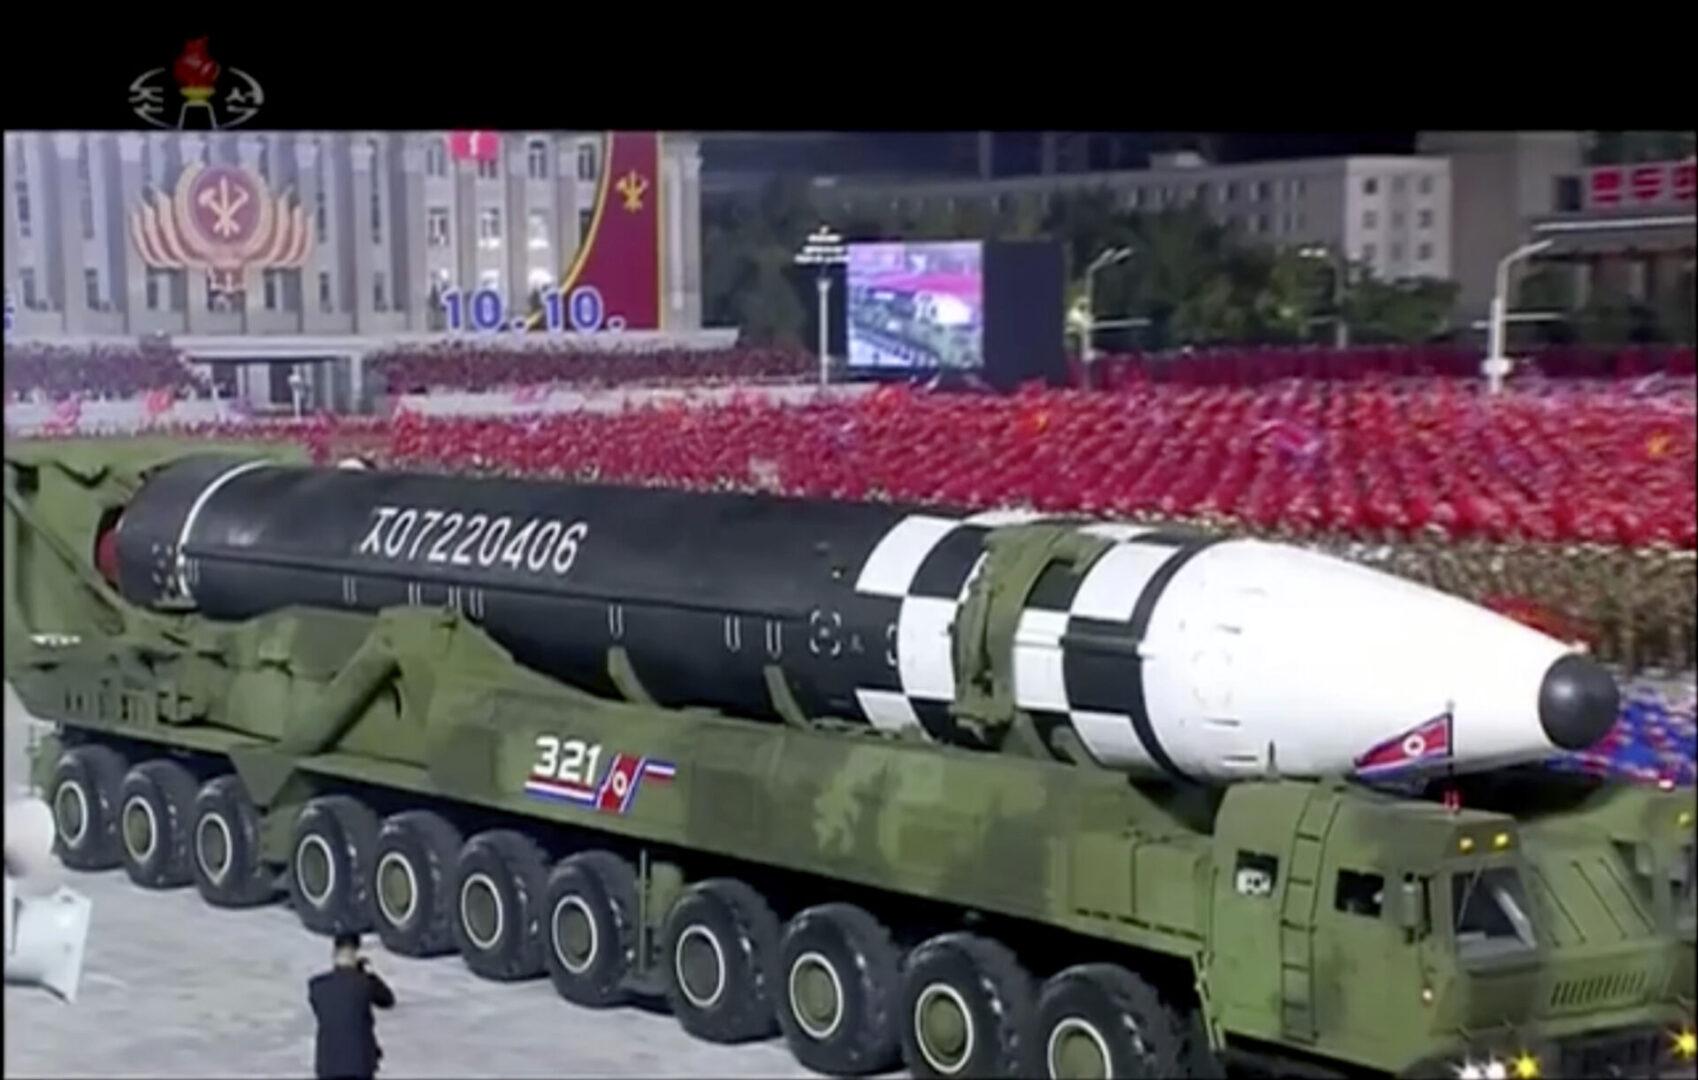 Ο Κιμ Γιονγκ Ουν προειδοποίησε ότι θα χρησιμοποιήσει το νέο πύραυλο και το υπόλοιπο οπλοστάσιό του αν δεχθεί η χώρα του απειλές